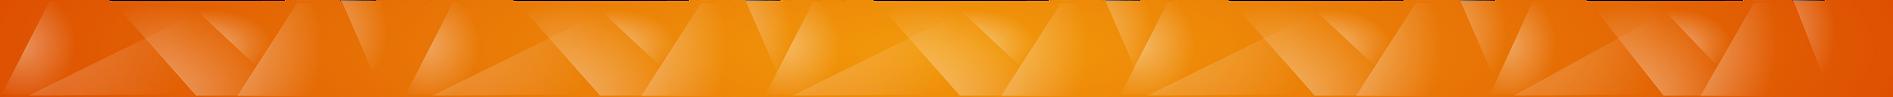 Banner para web RAG.png